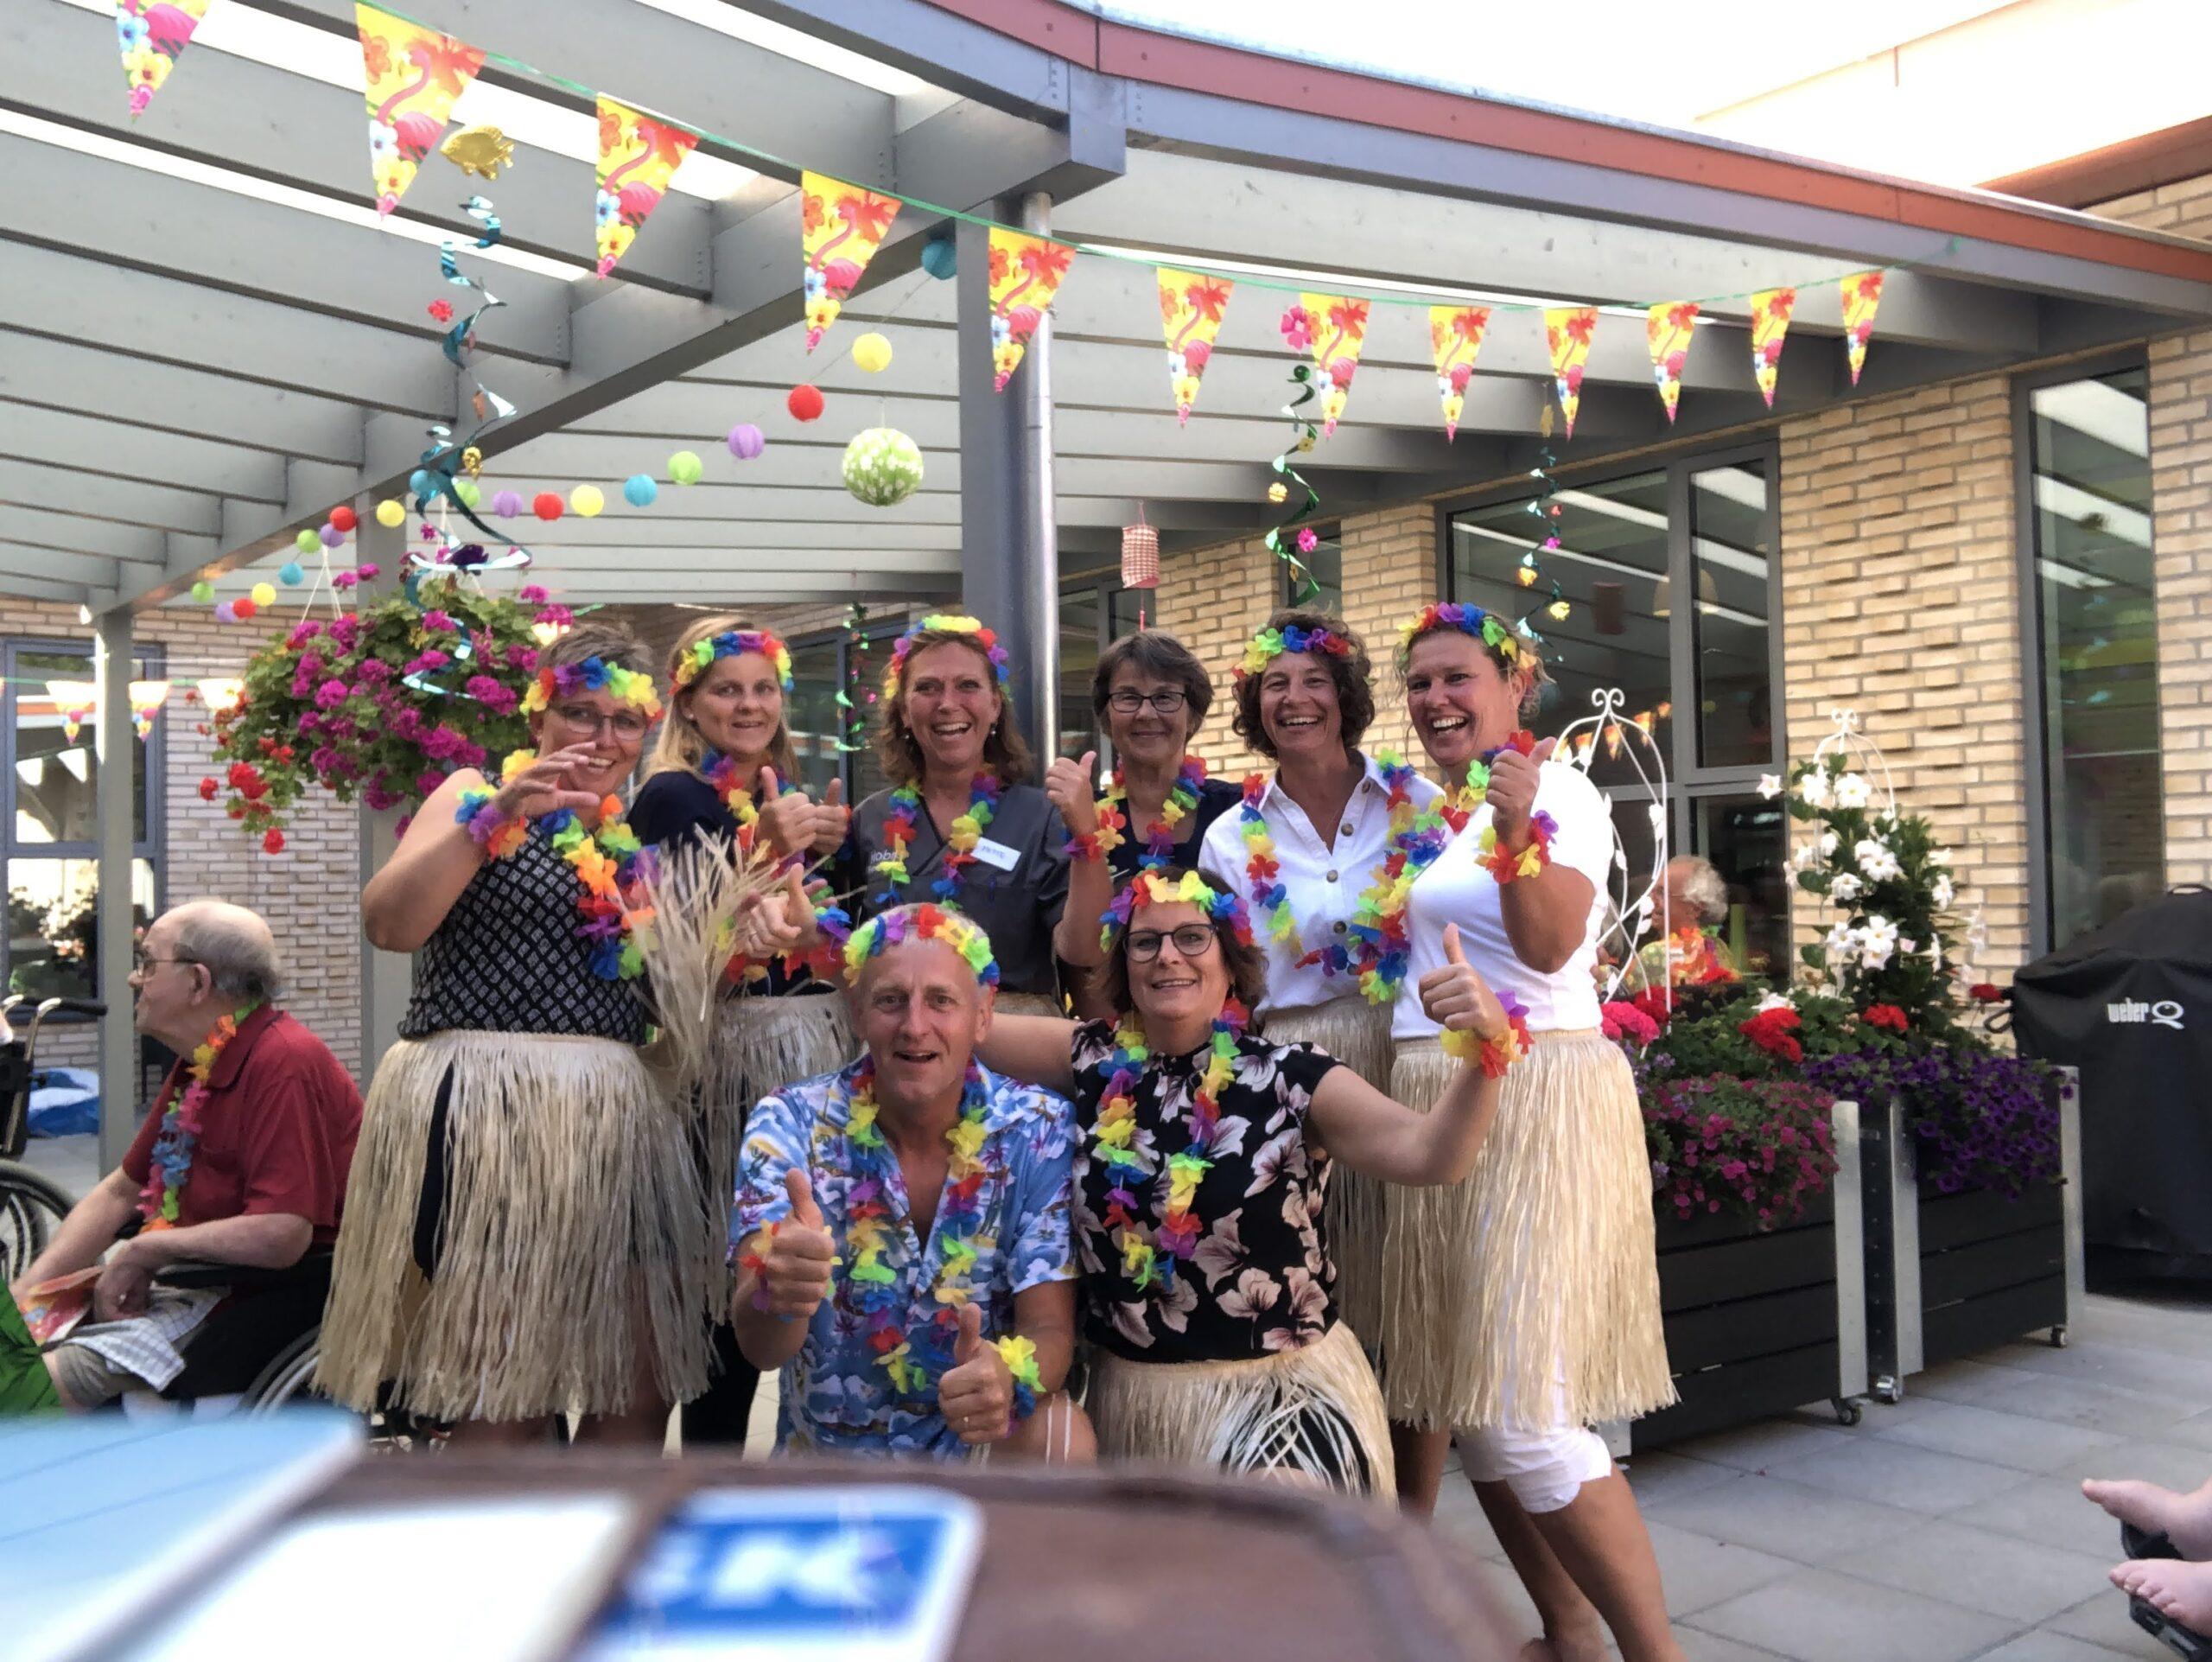 Hawaii fest i gårdhaven